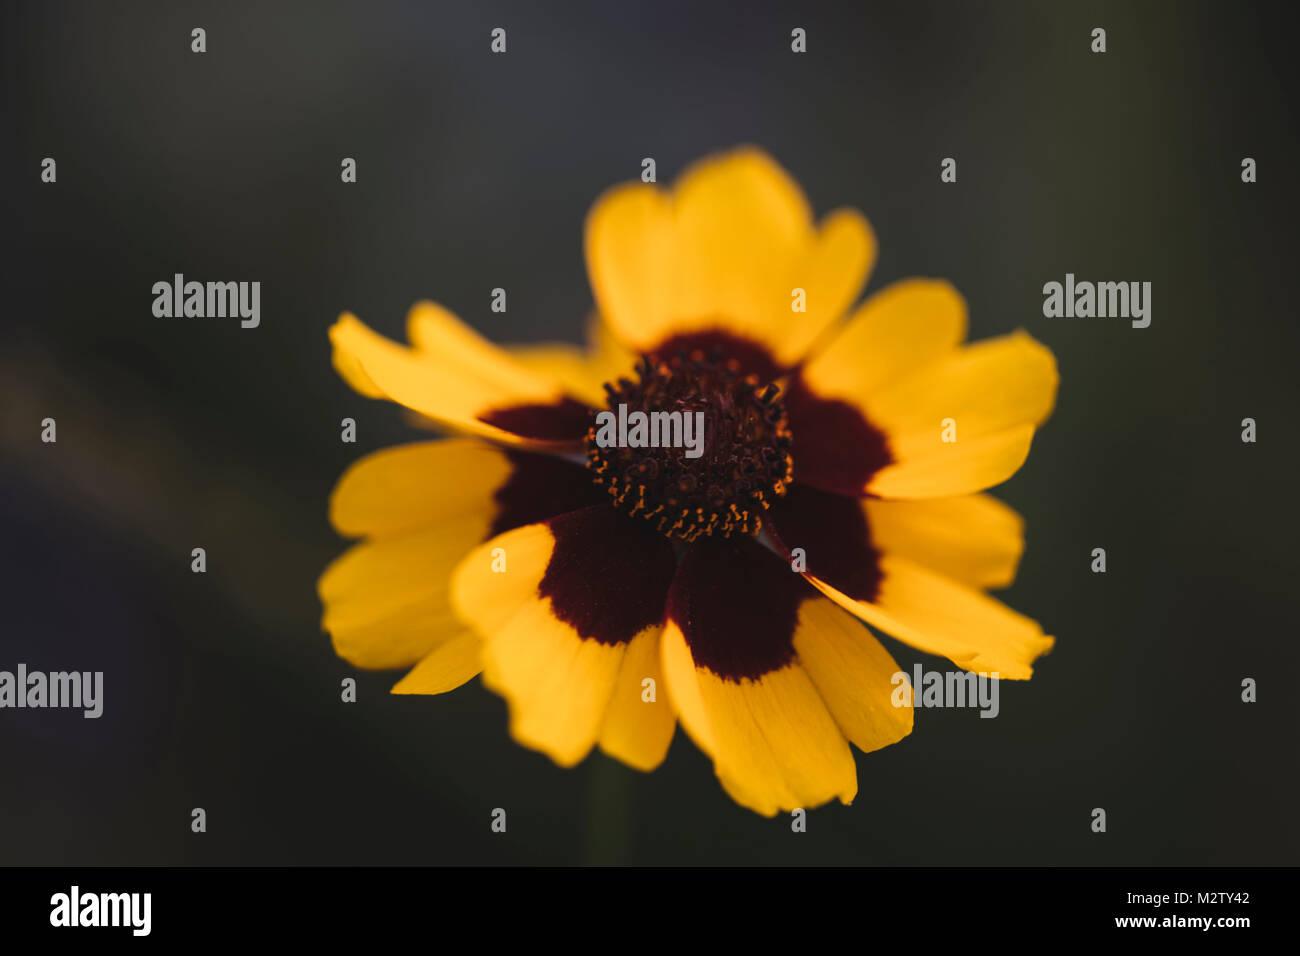 Blumen Bielefeld sommer blumen auf den straßen bielefeld stockfoto bild